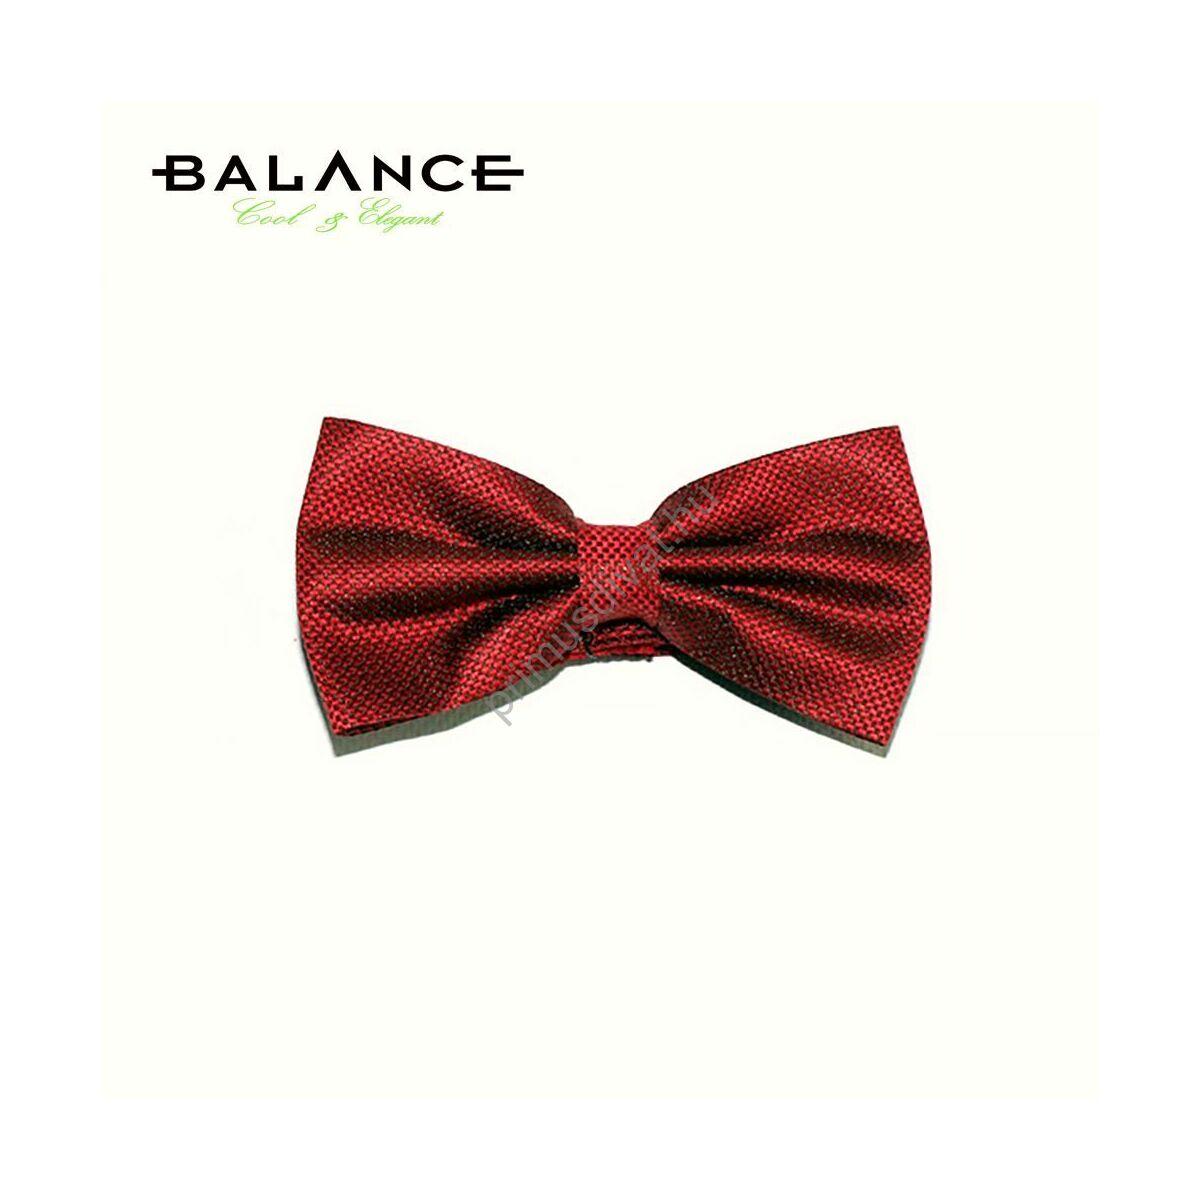 32c5985f4c Kép 1/1 - Balance szövött apró mintás piros csokornyakkendő